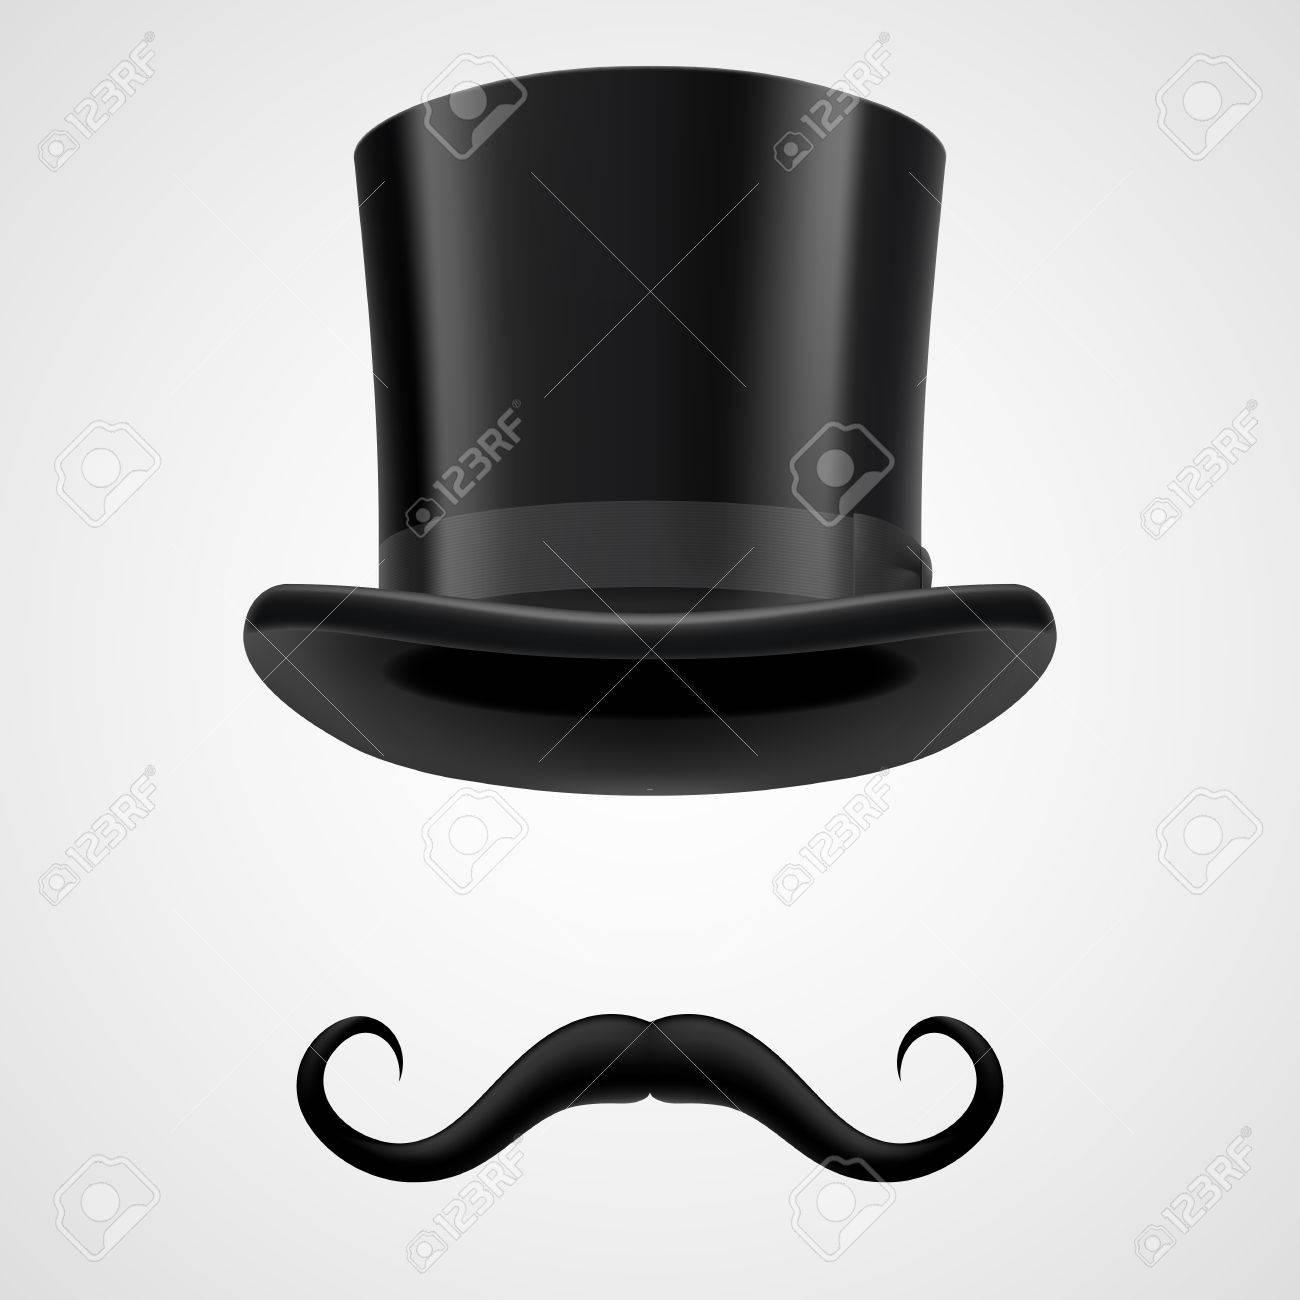 grande sconto per stili di moda quantità limitata Baffi ricci e neri stovepipe retrò cappello, divertente mago su grigio  bacground